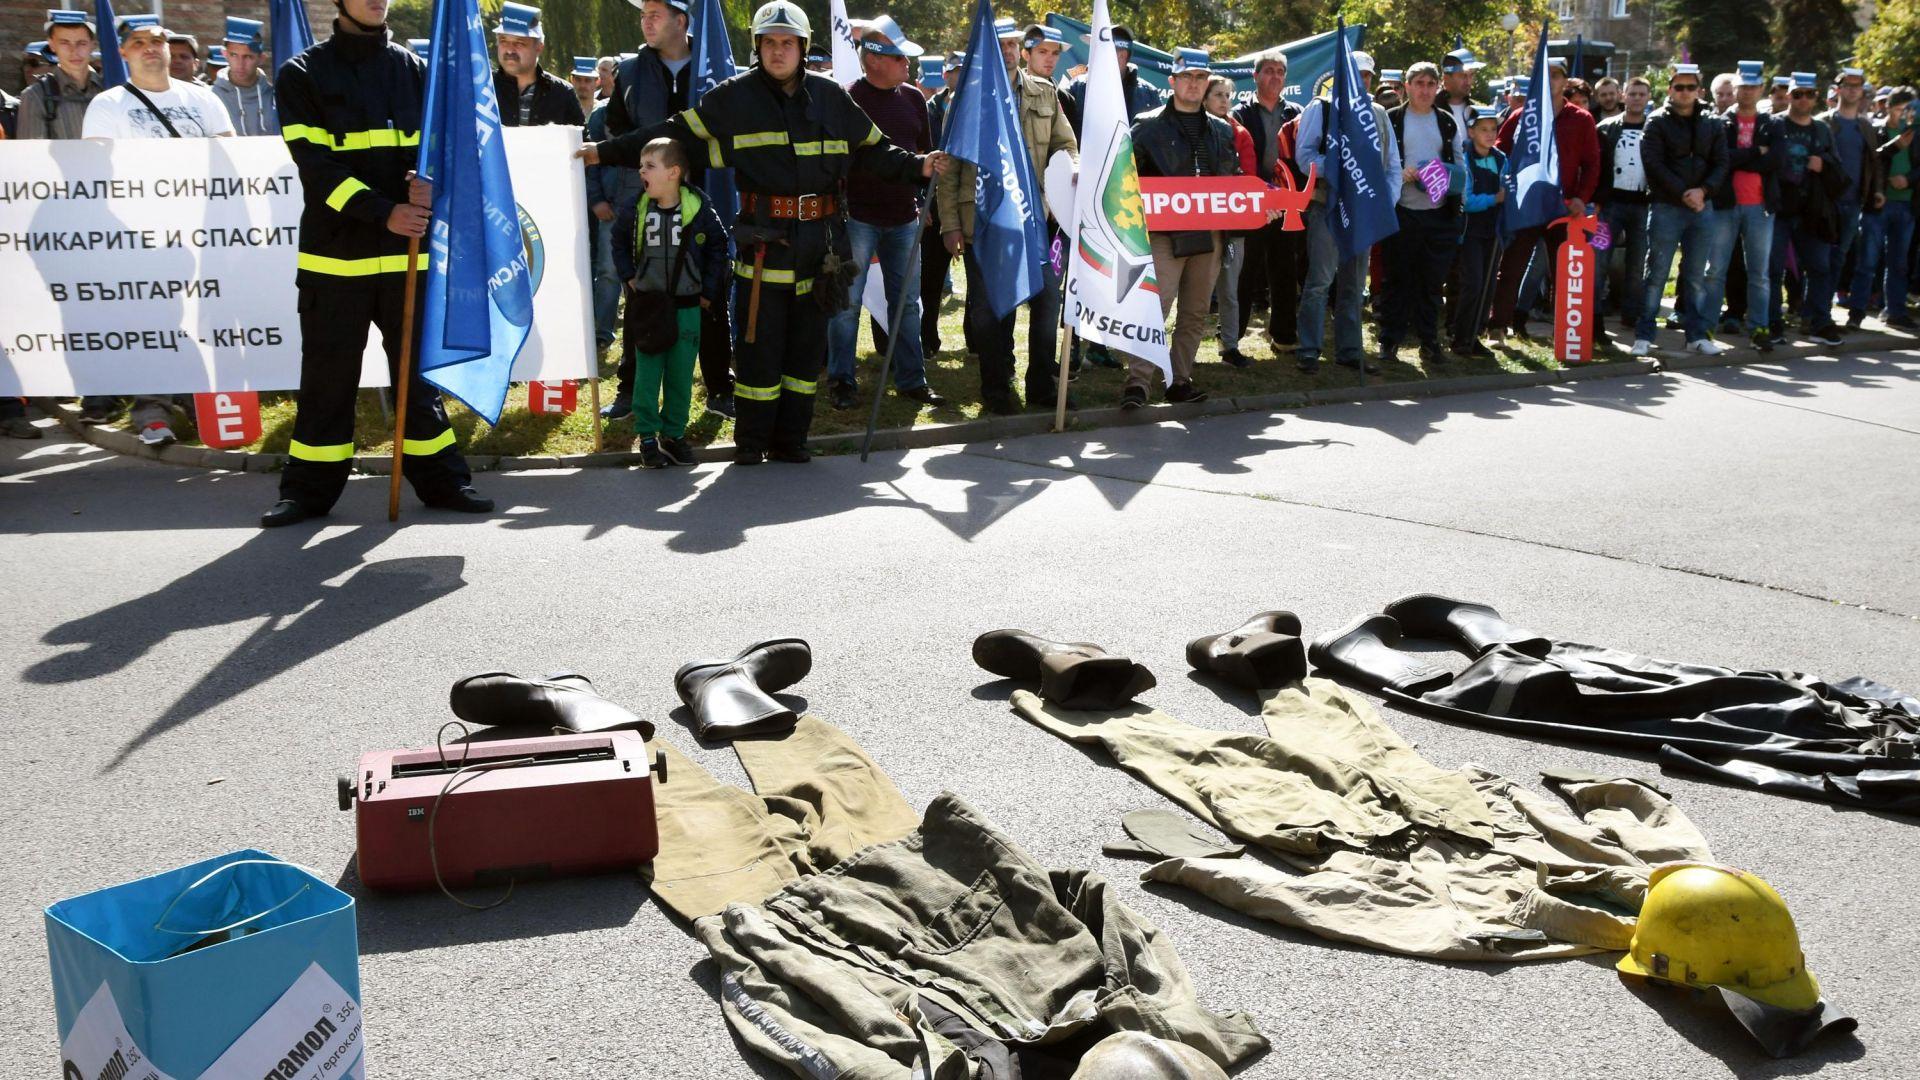 Пожарникари и спасители са готови да излязат на протест, ако